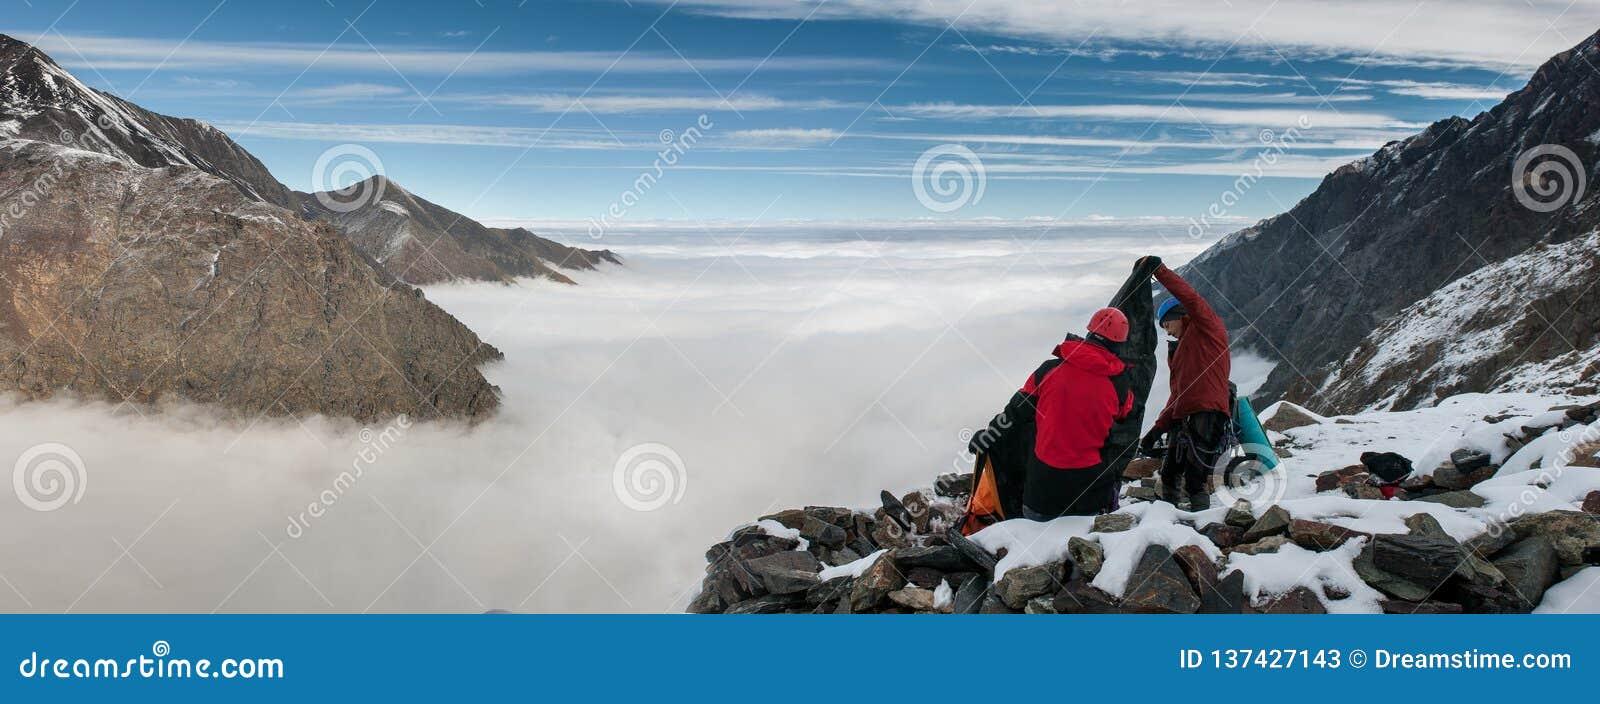 Montanhas, curso, natureza, neve, nuvens